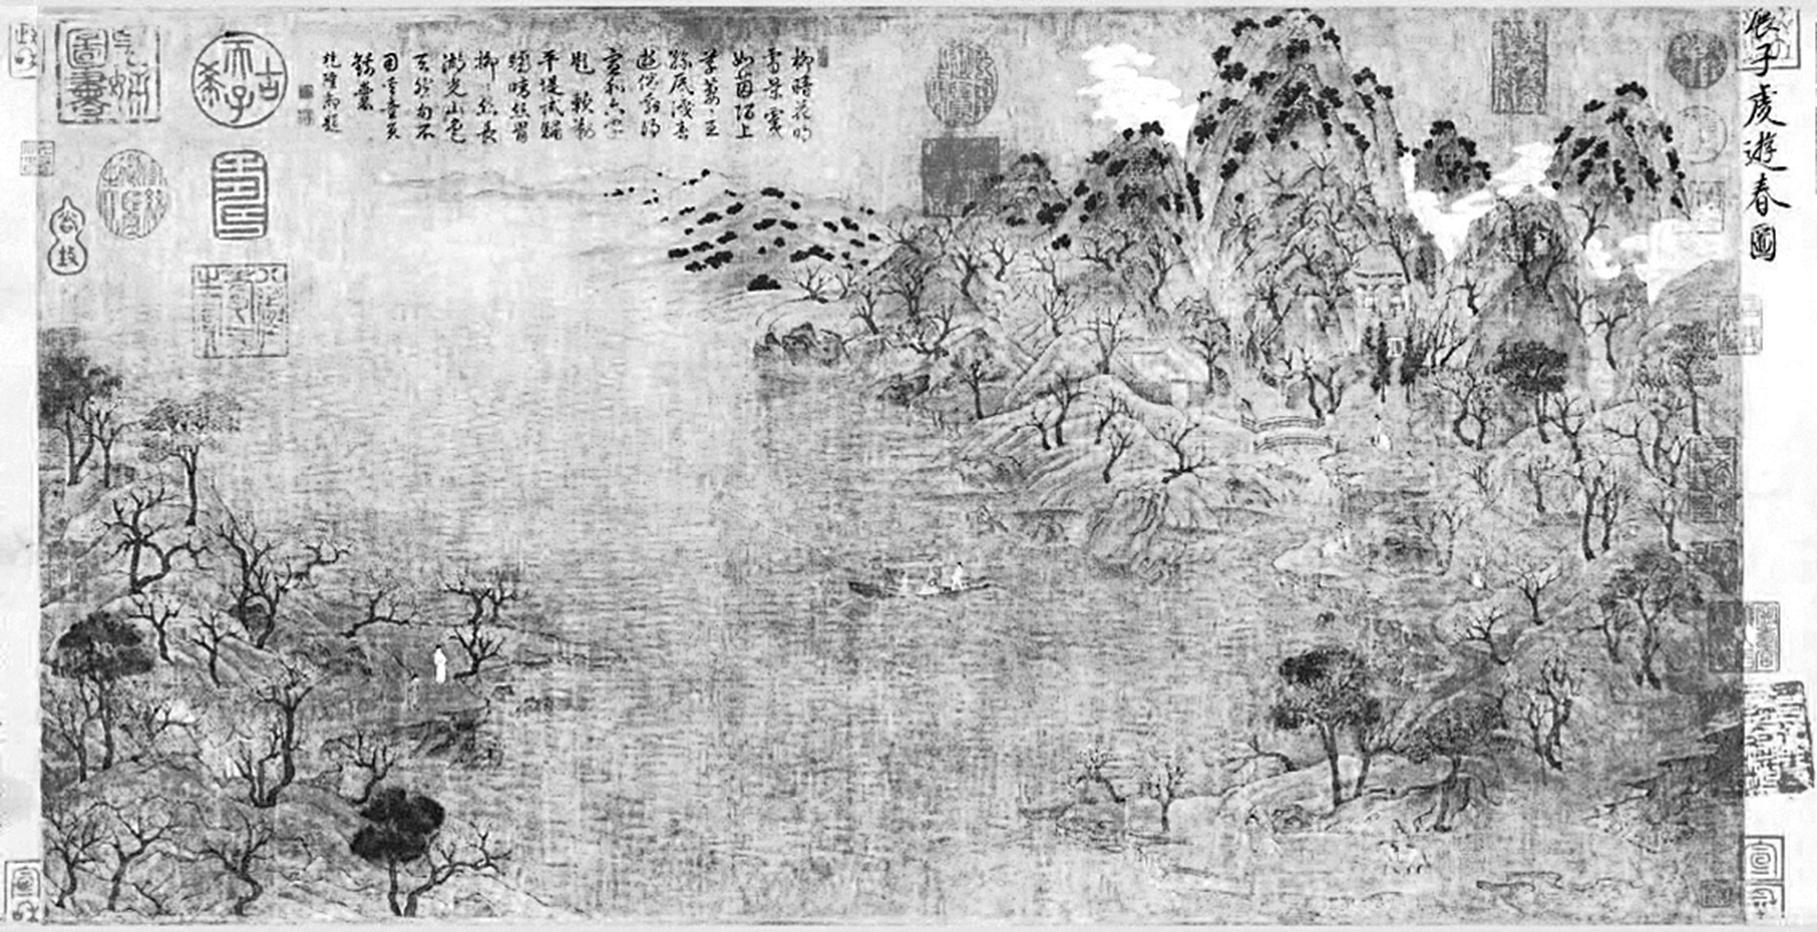 隋代著名畫家展子虔的《遊春圖》。(維基百科)